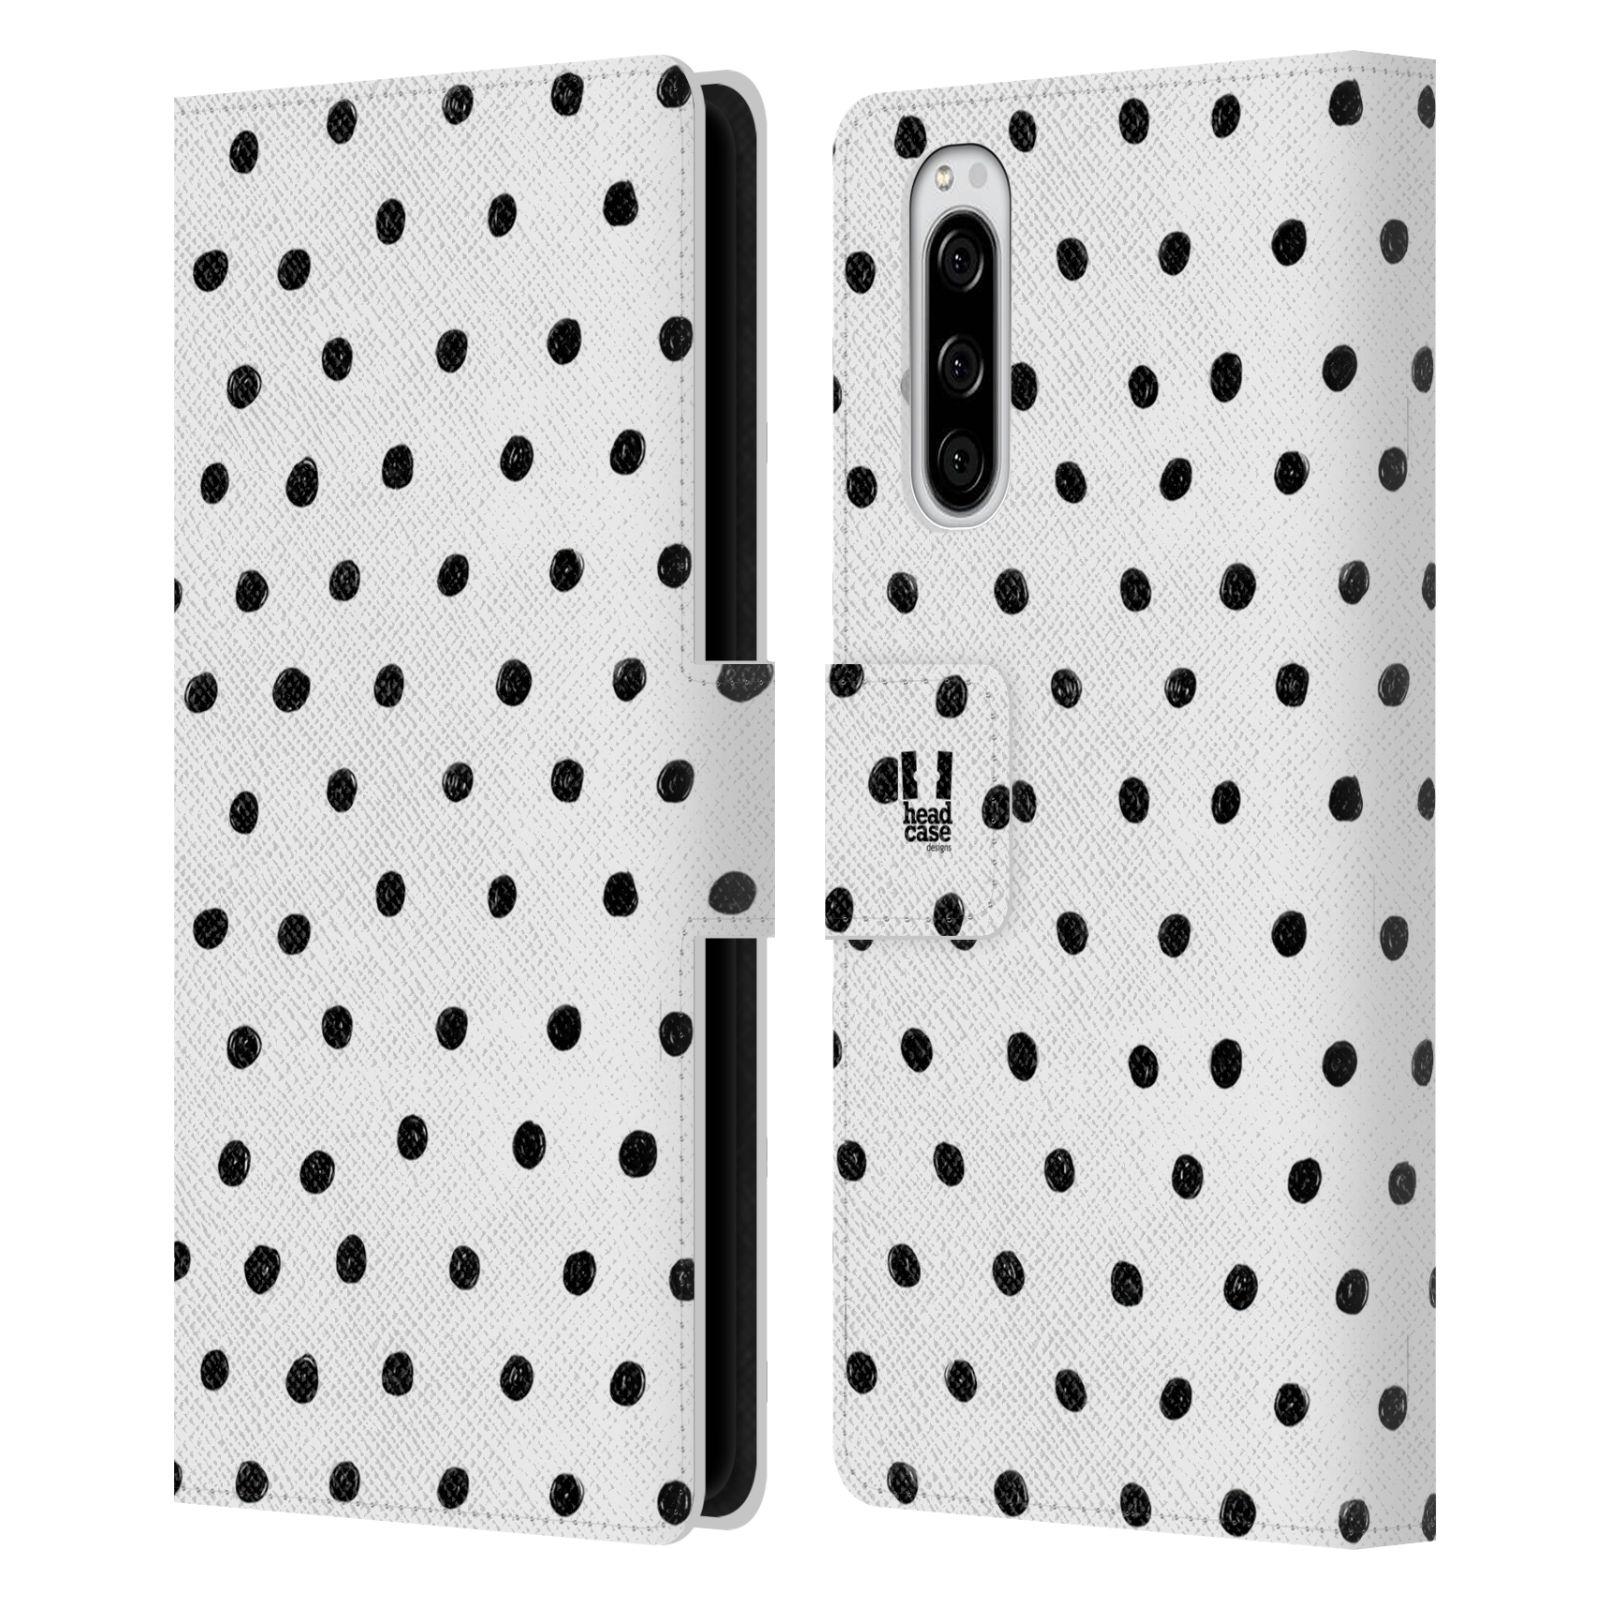 Pouzdro na mobil Sony Xperia 5 kresba a čmáranice černé tečky a bílé pozadí